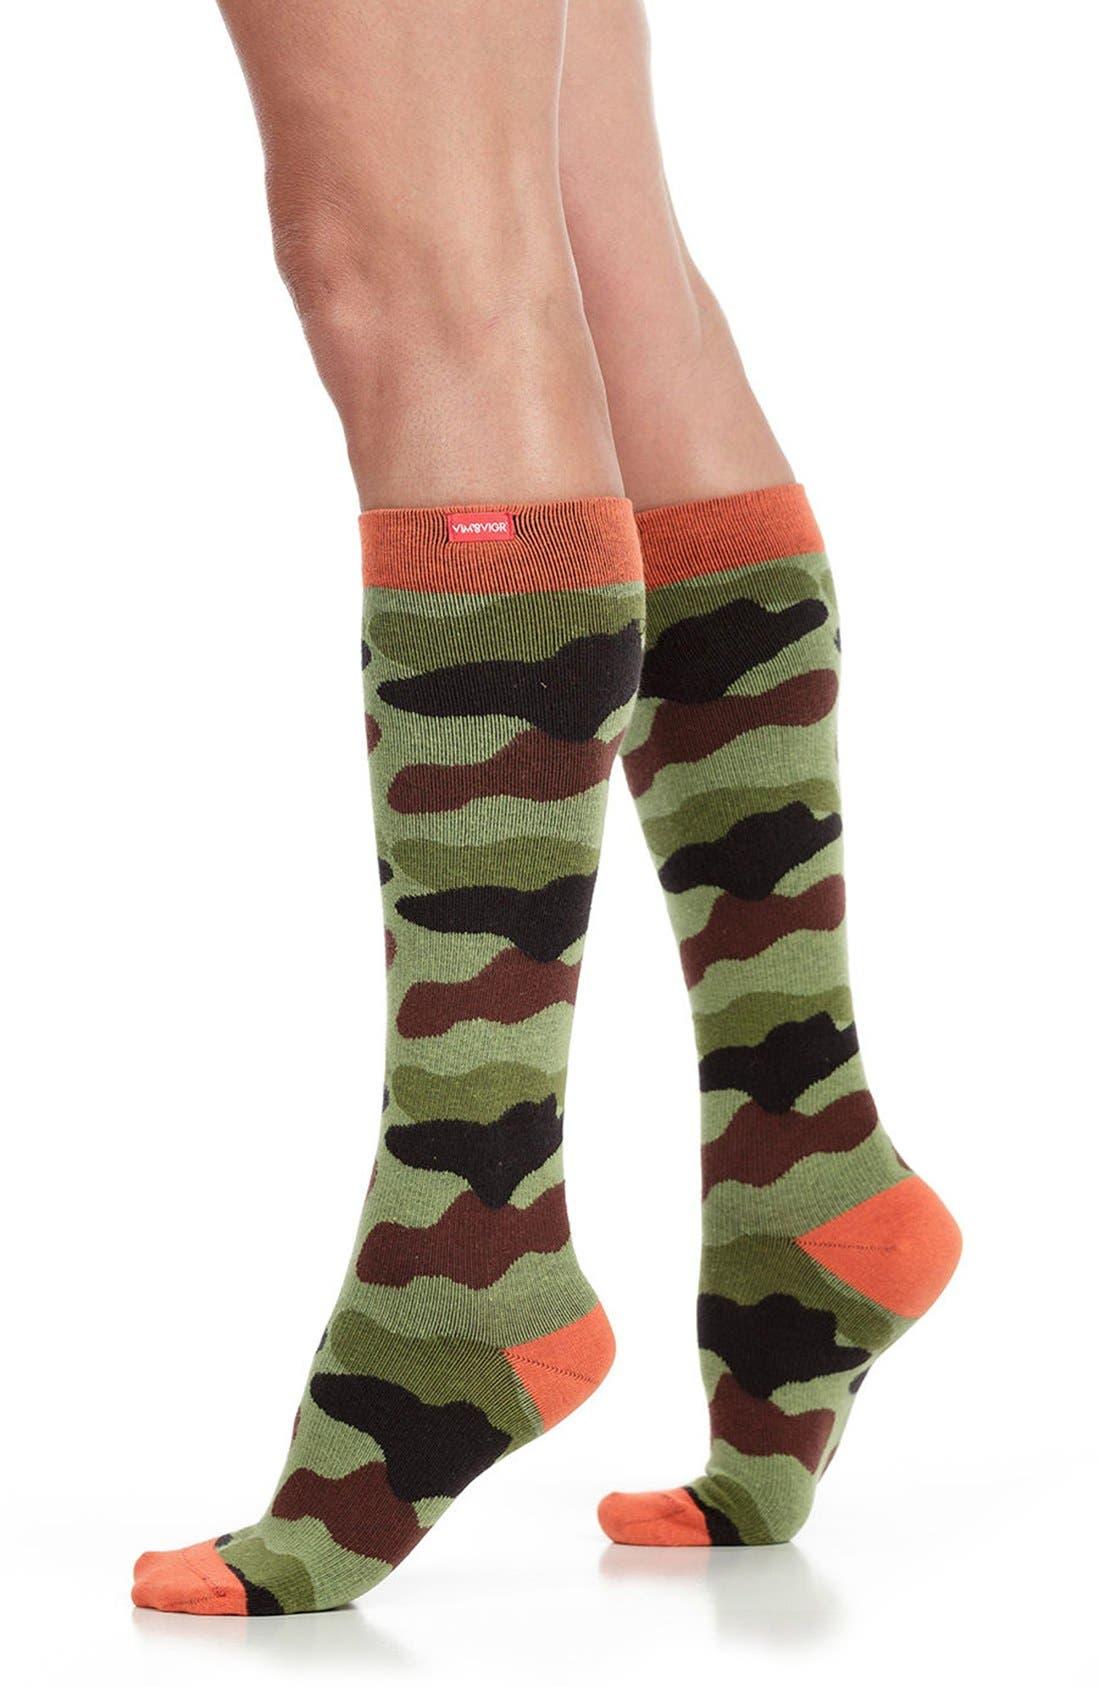 Alternate Image 1 Selected - VIM & VIGR Camouflage Compression Trouser Socks